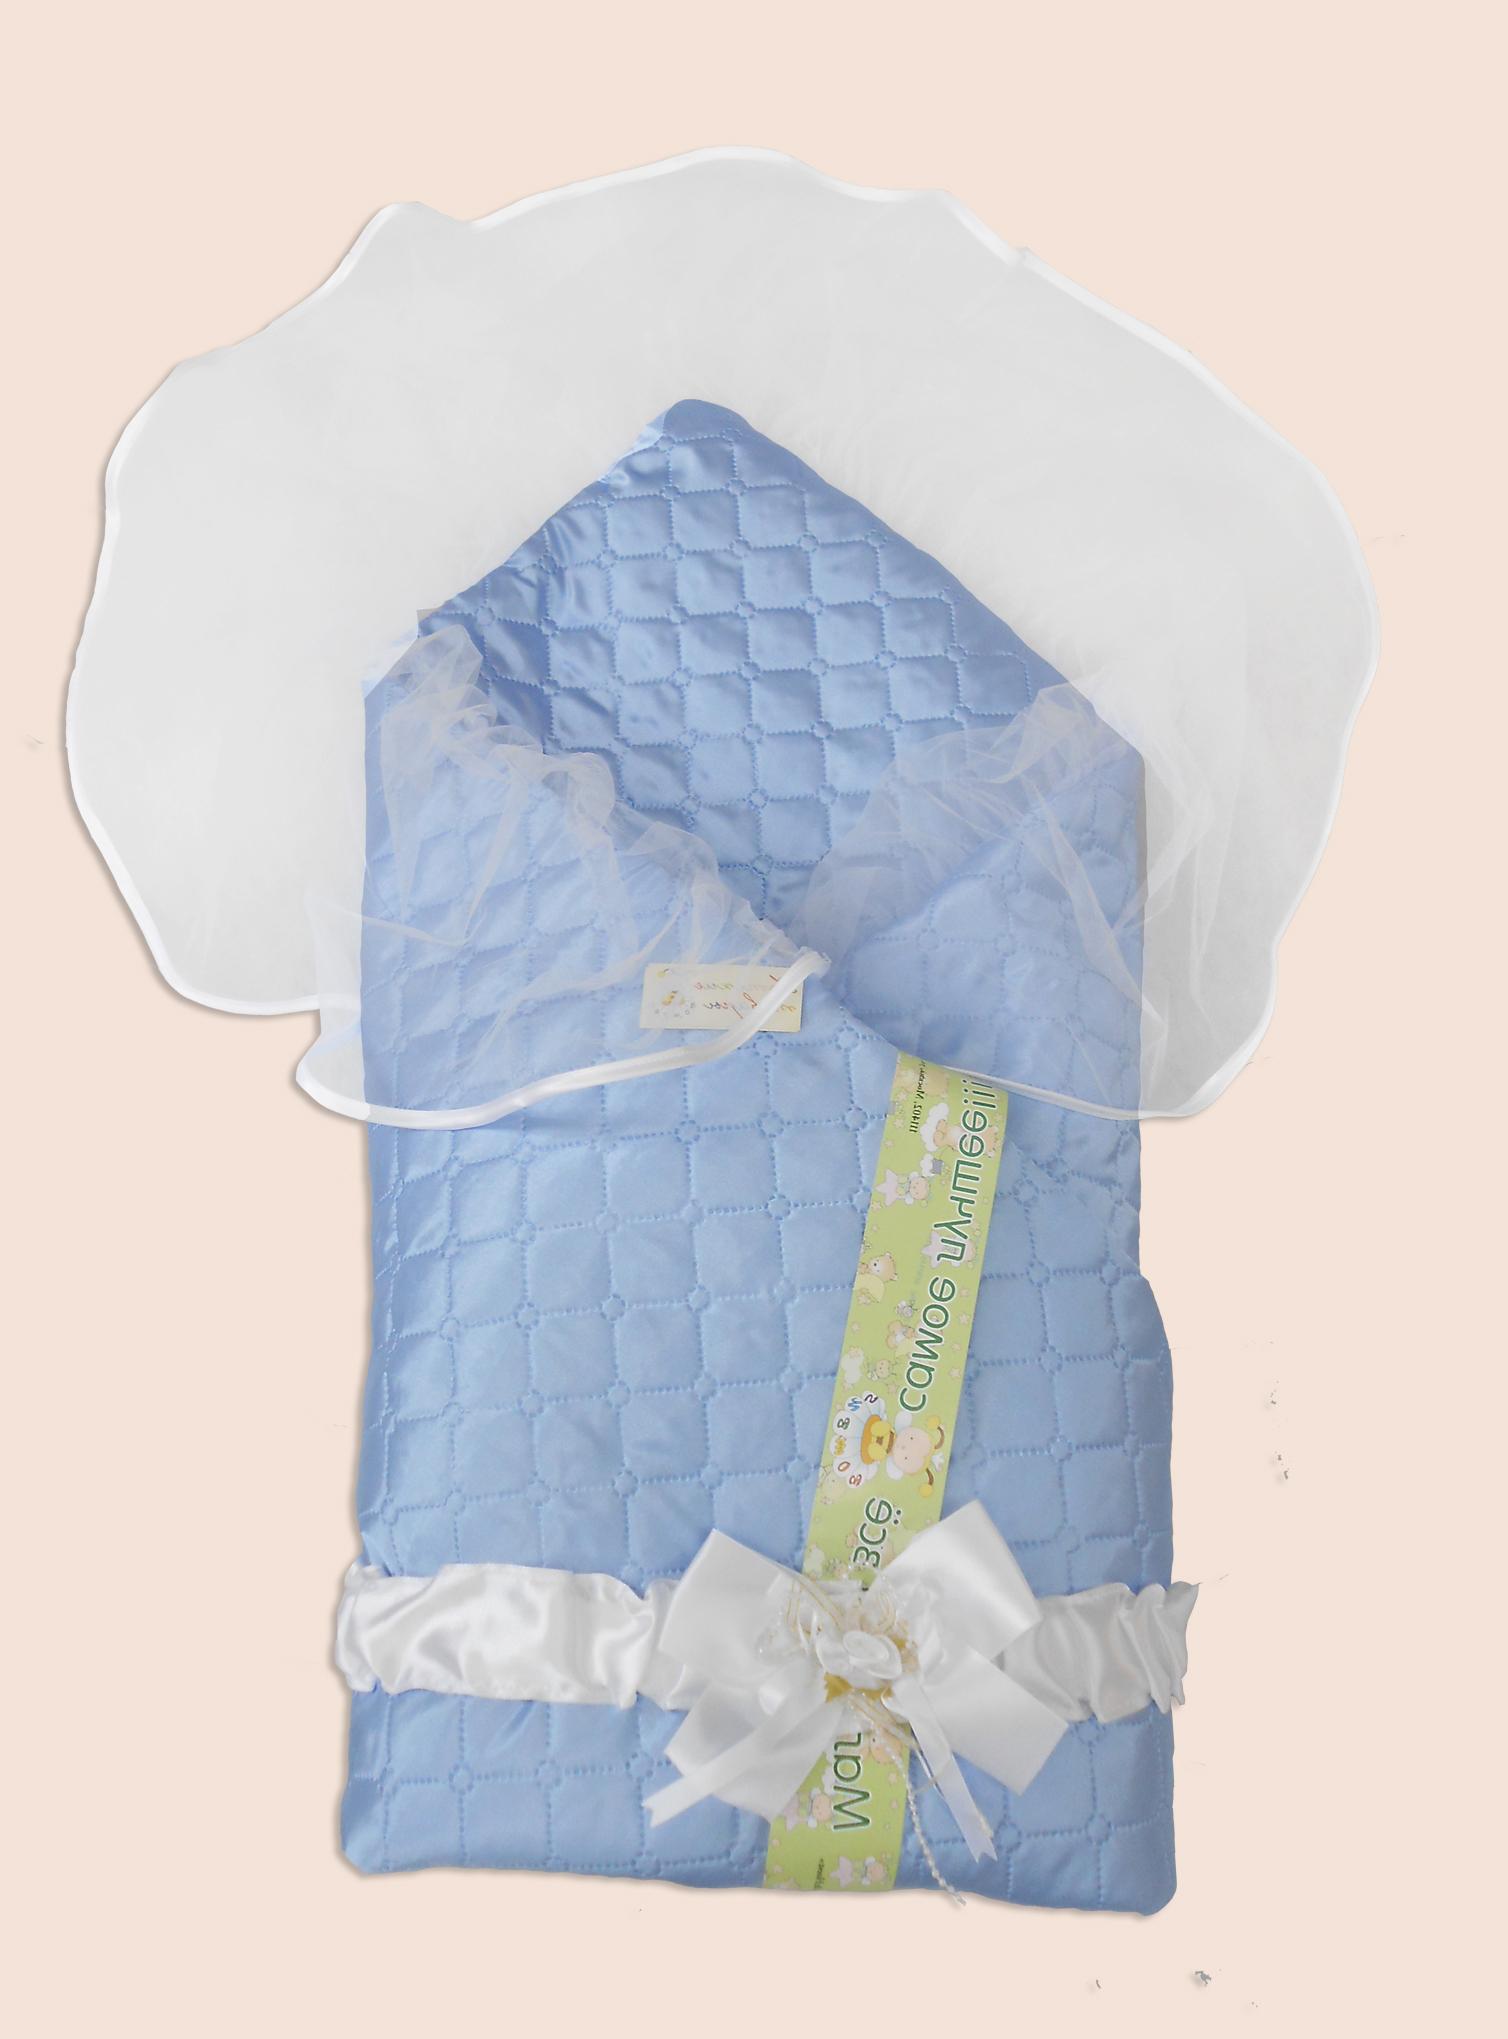 Одеяло на выписку – Мила, зима, голубоеКомплекты на выписку<br>Одеяло на выписку – Мила, зима, голубое<br>